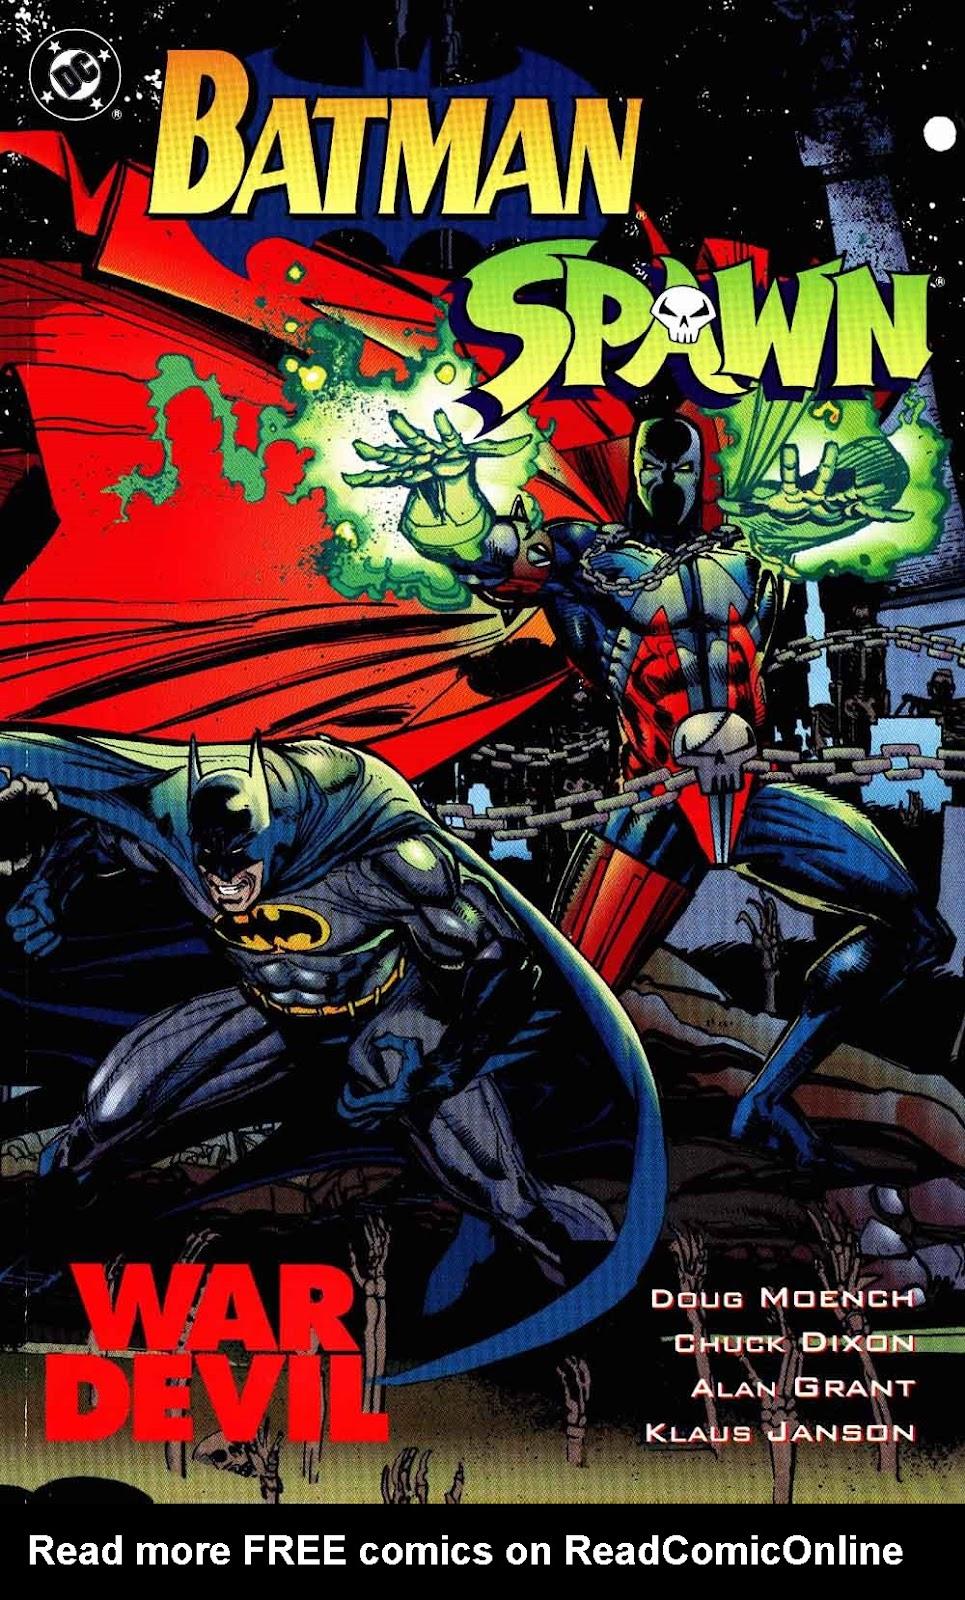 Batman-Spawn: War Devil Full Page 1